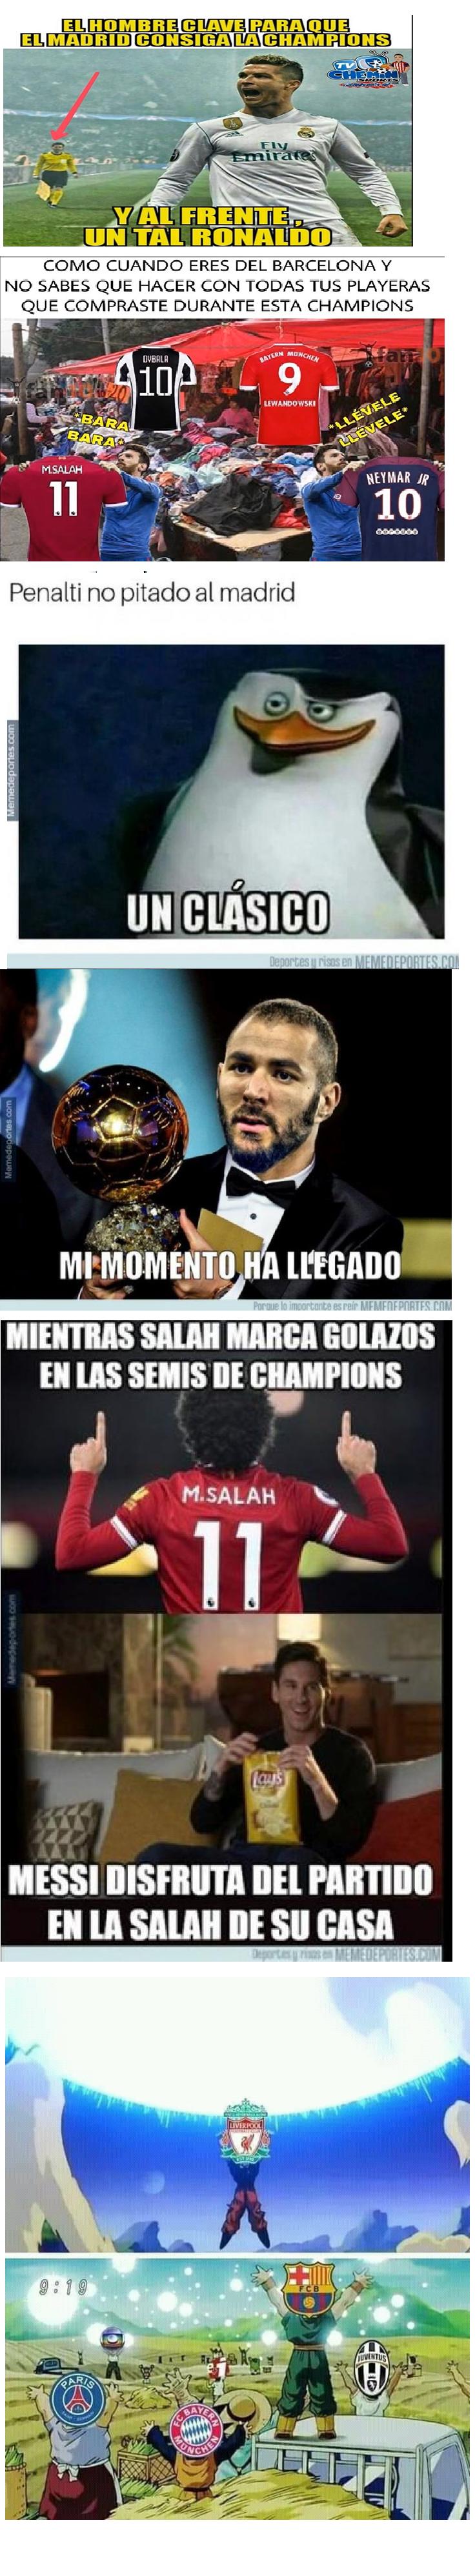 Image Result For Vivo Real Madrid Vs En Vivo Previa